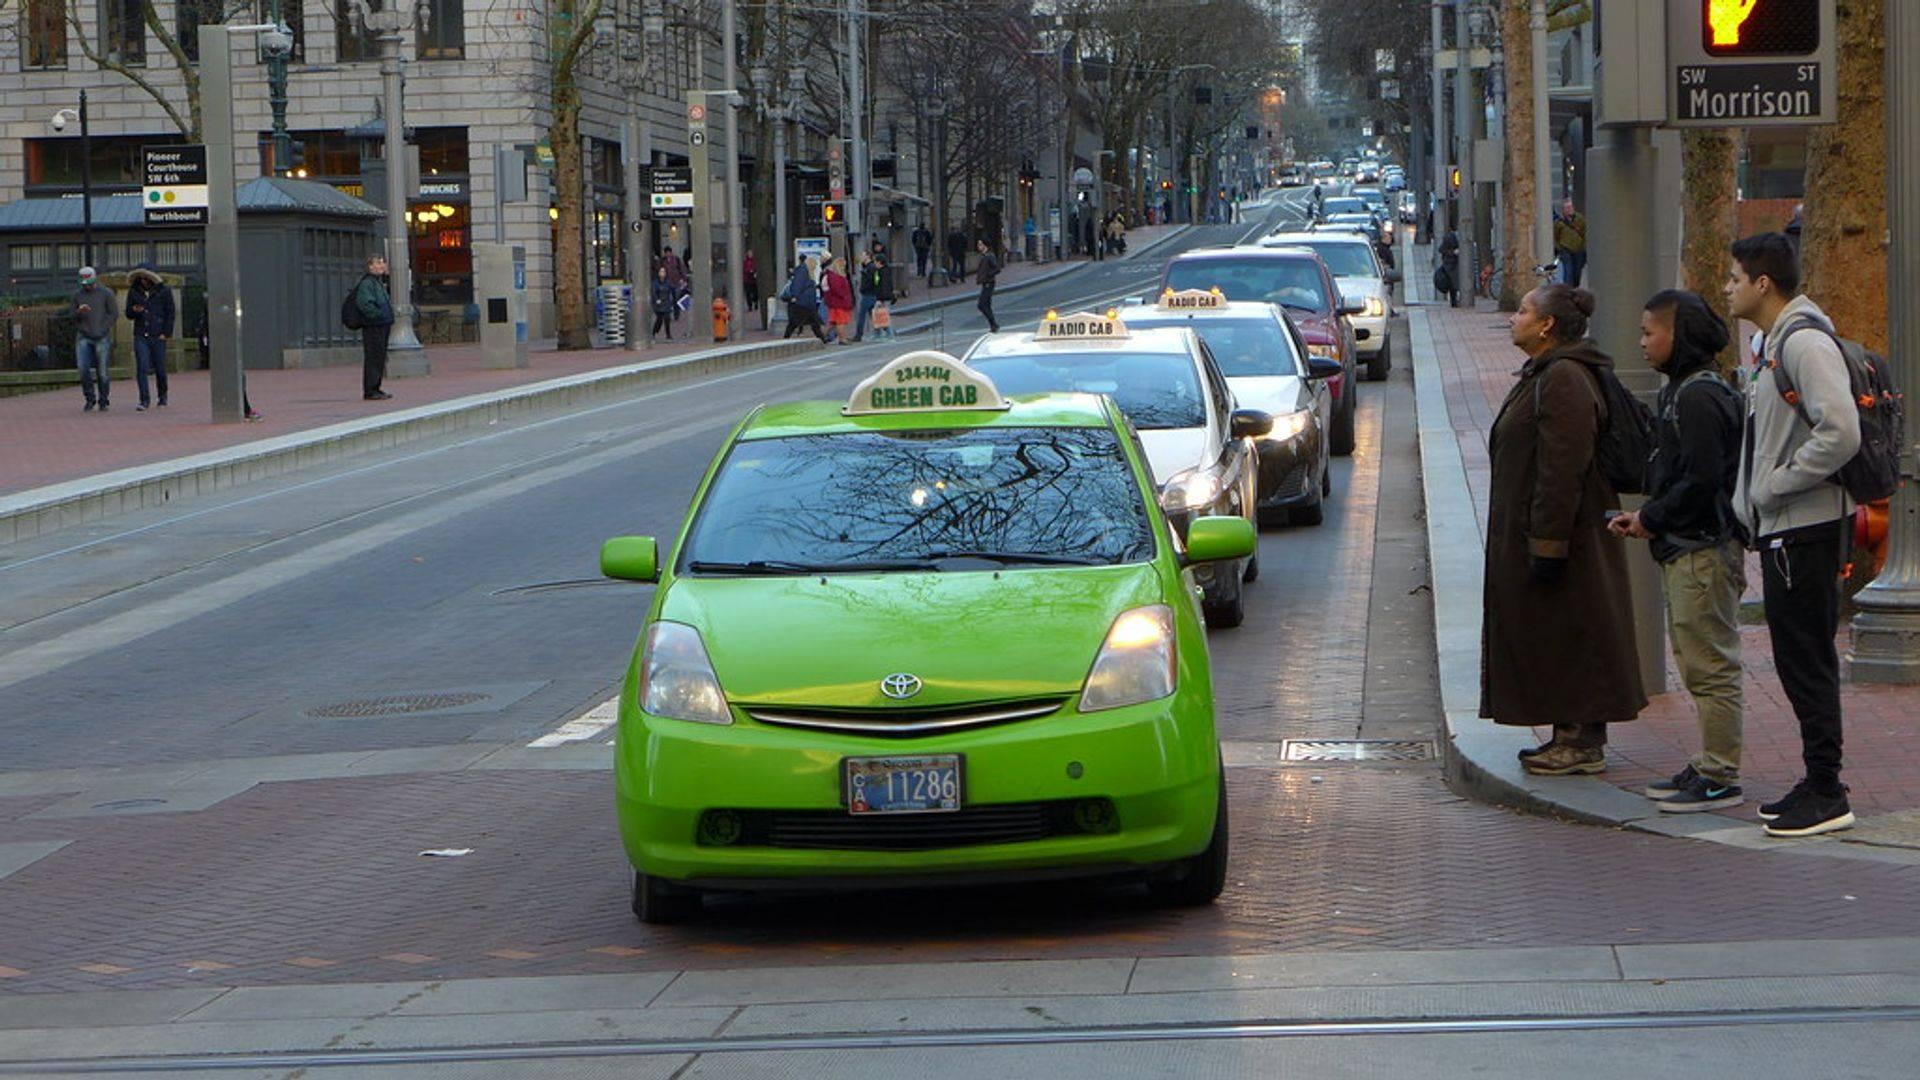 Green taxi boro Street Hail Livery (SHL)